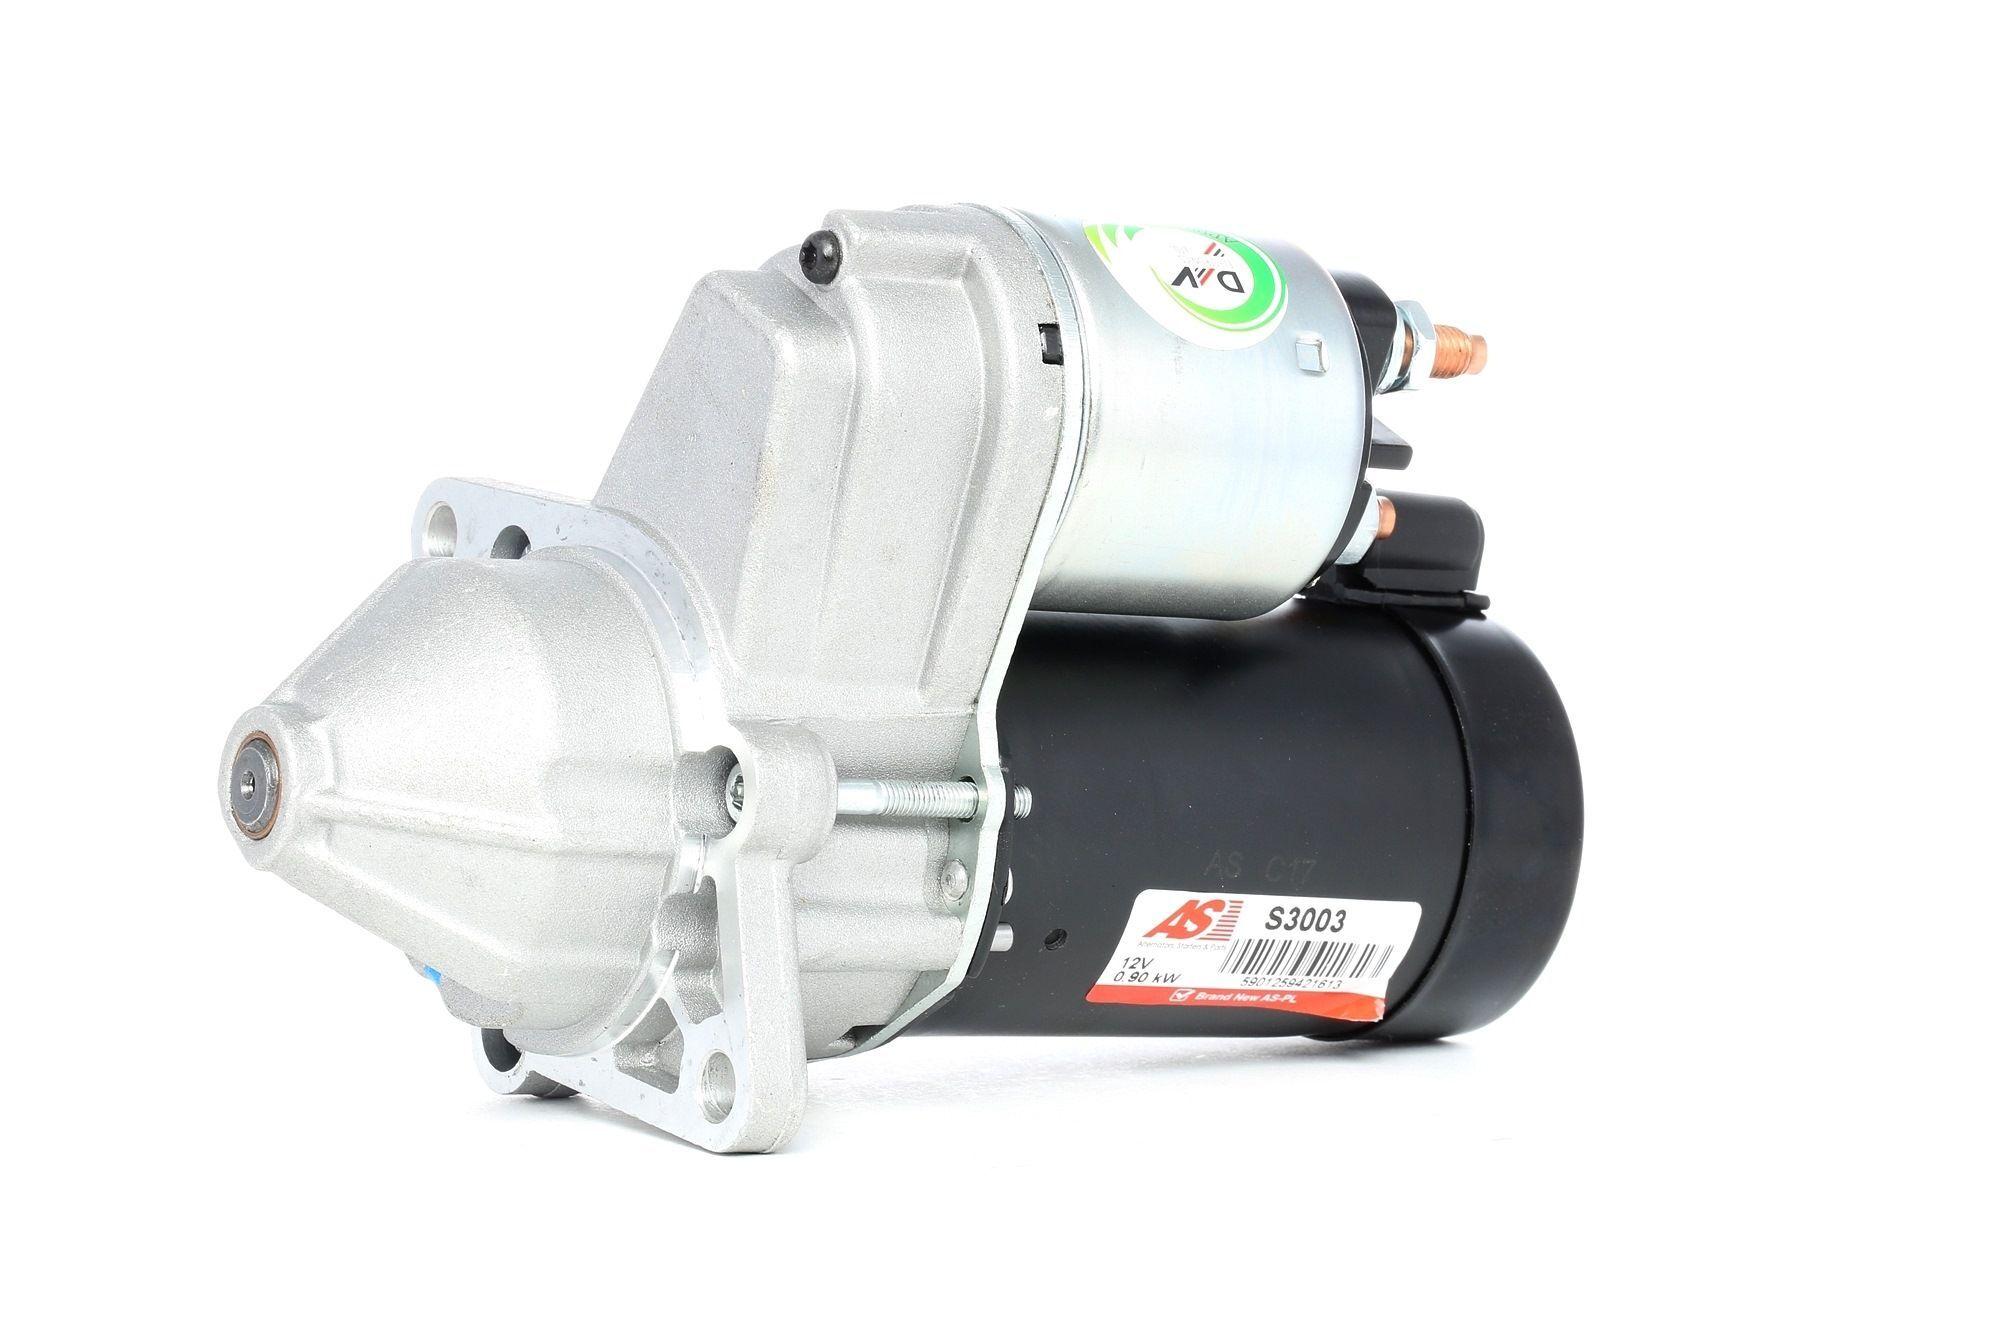 AS-PL Starttimoottori Brand new AS-PL Alternator rectifier S3003 Startti,Käynnistinmoottori OPEL,FIAT,CHEVROLET,CORSA D,CORSA C F08, F68,ZAFIRA B A05